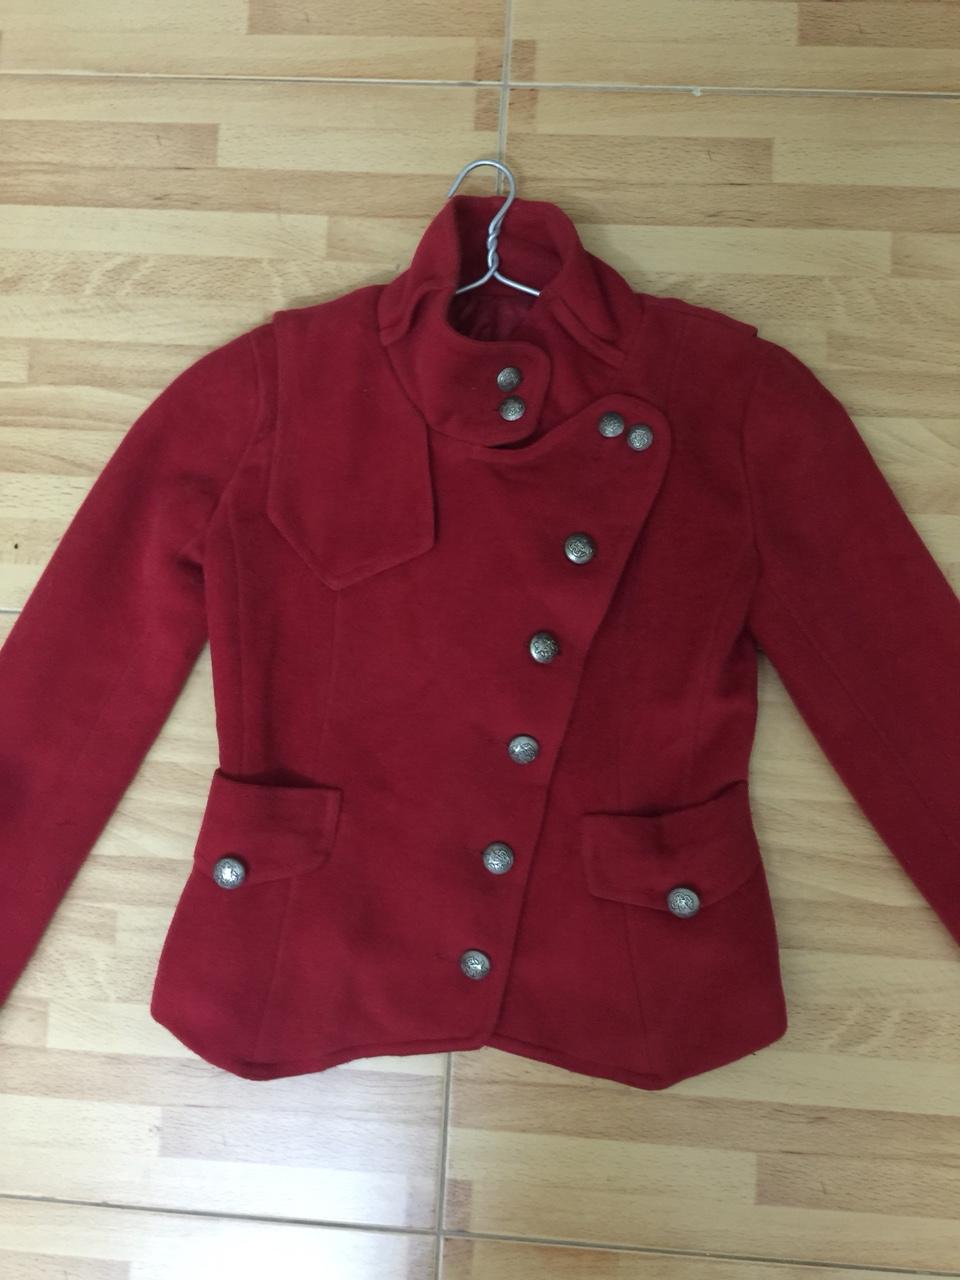 áo dạ đỏ.jpg